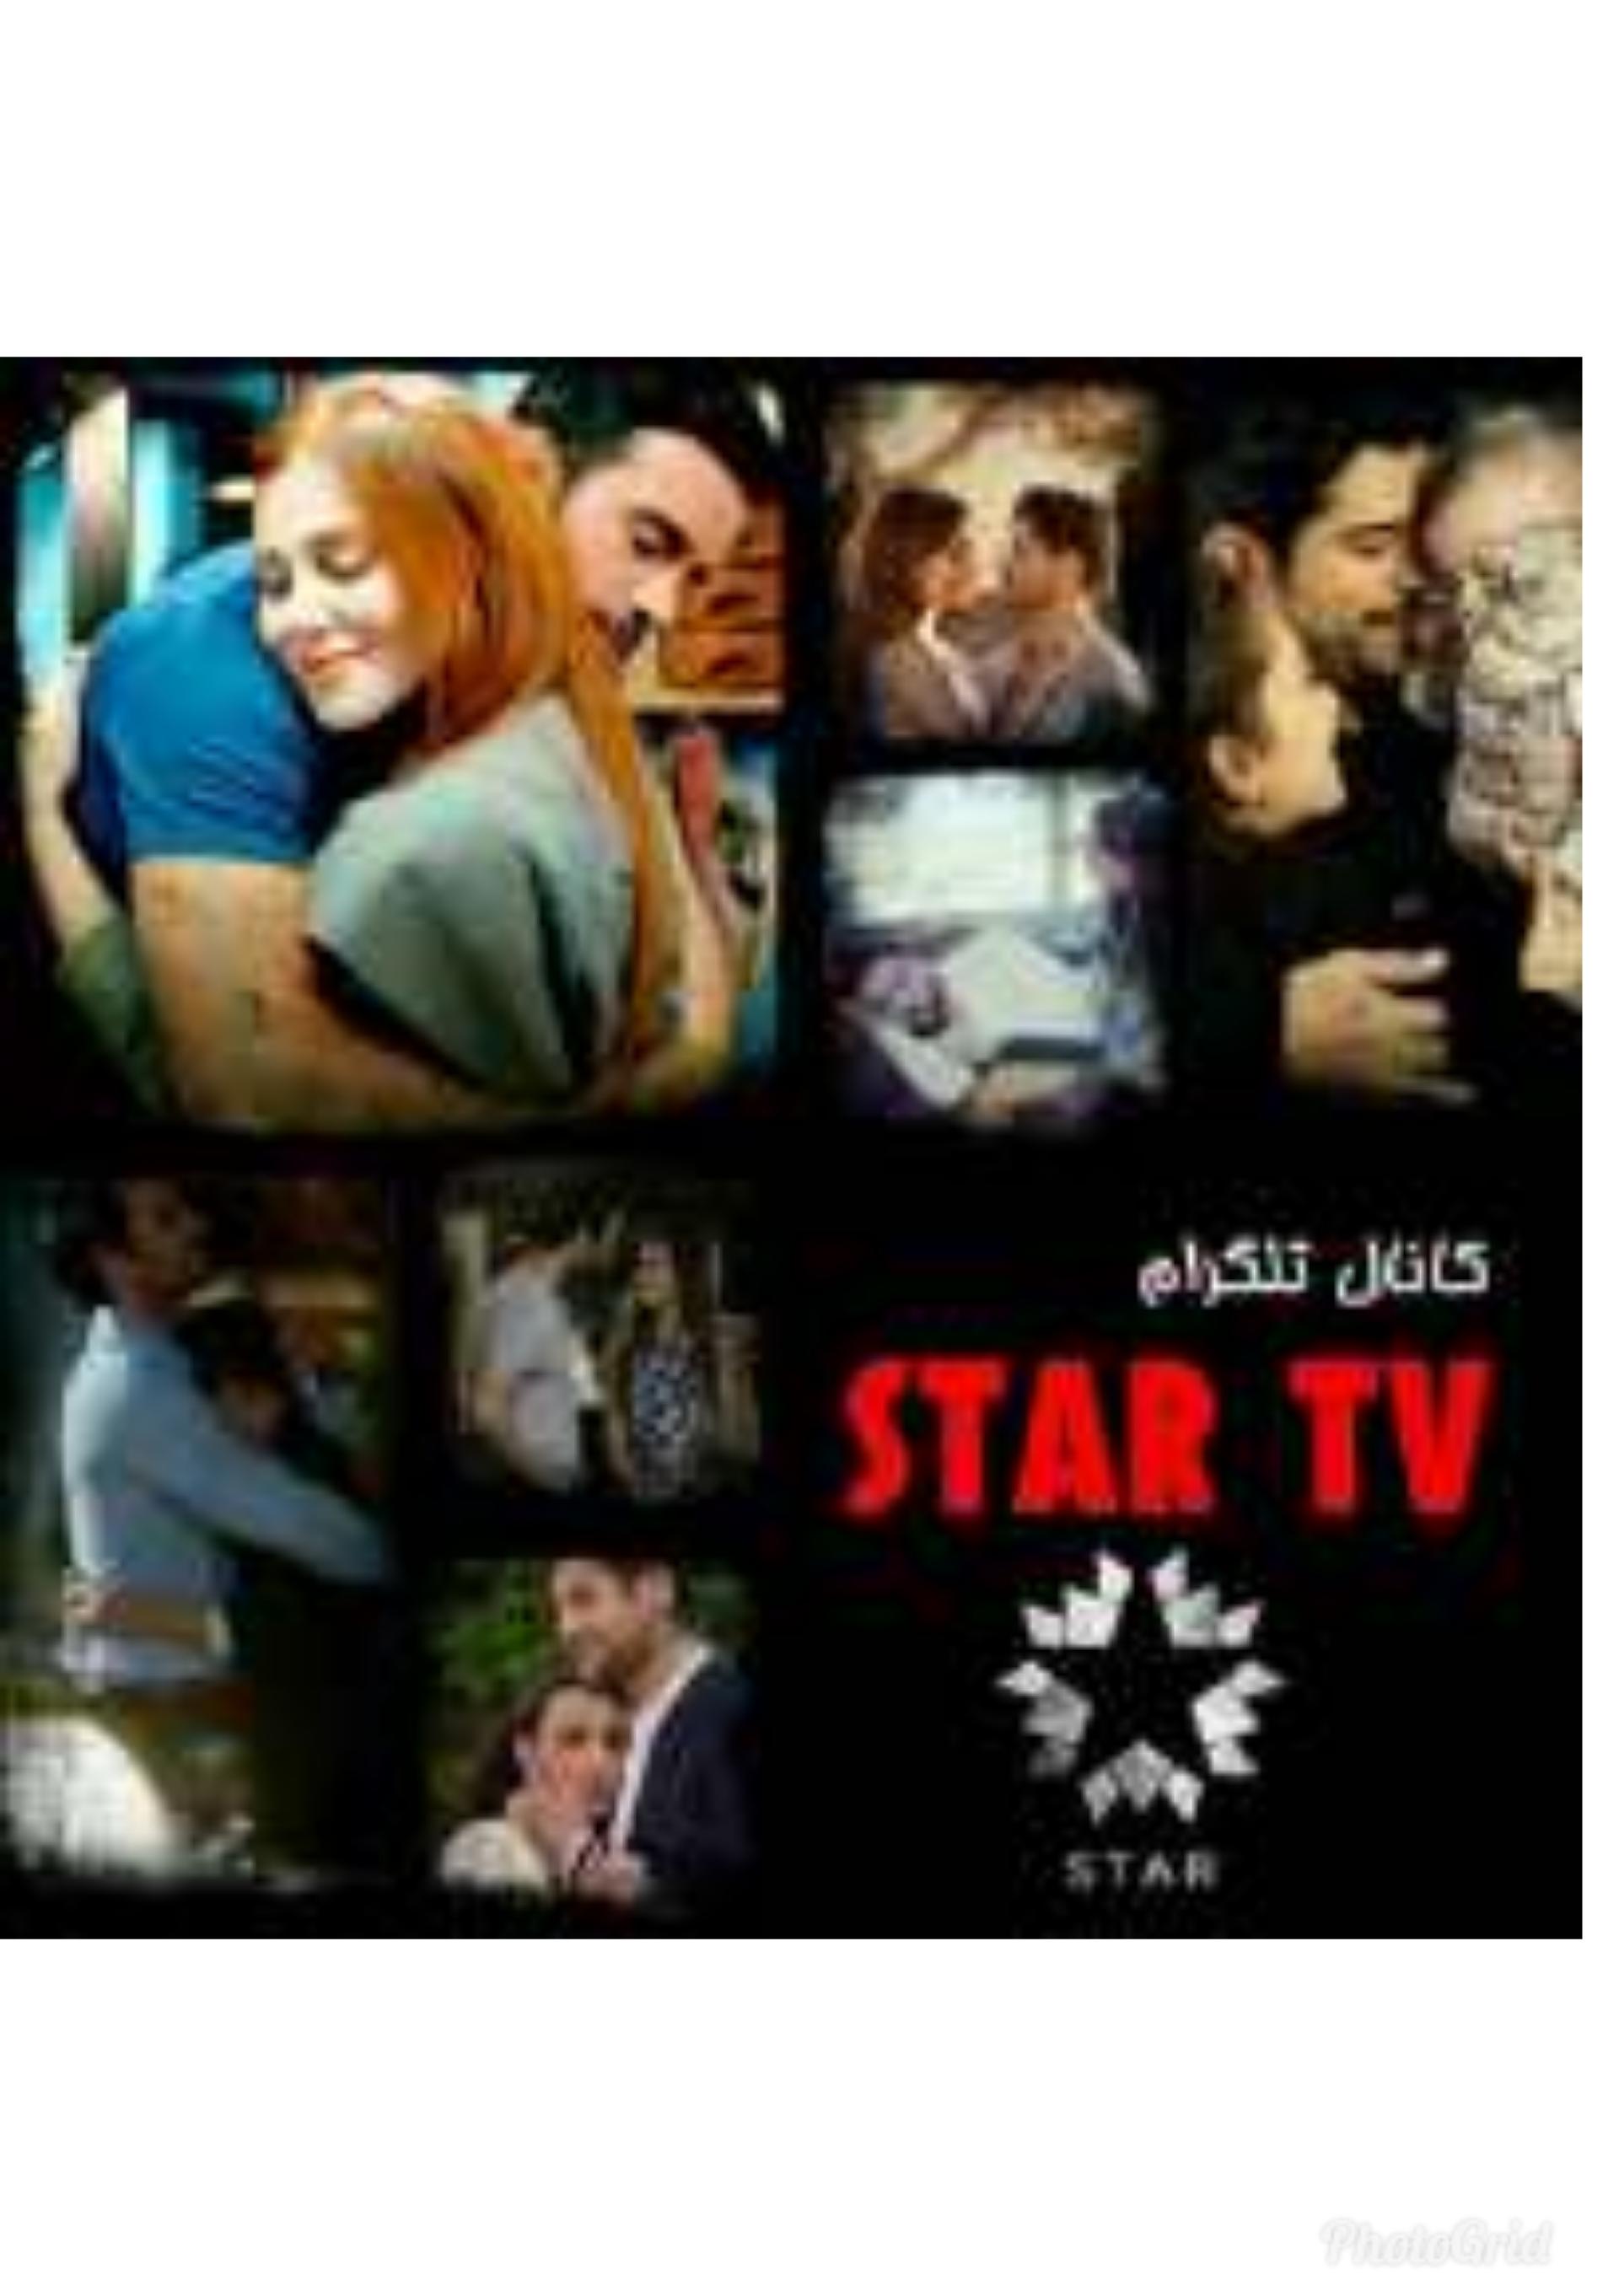 کانال تلگرام سریال ترکی